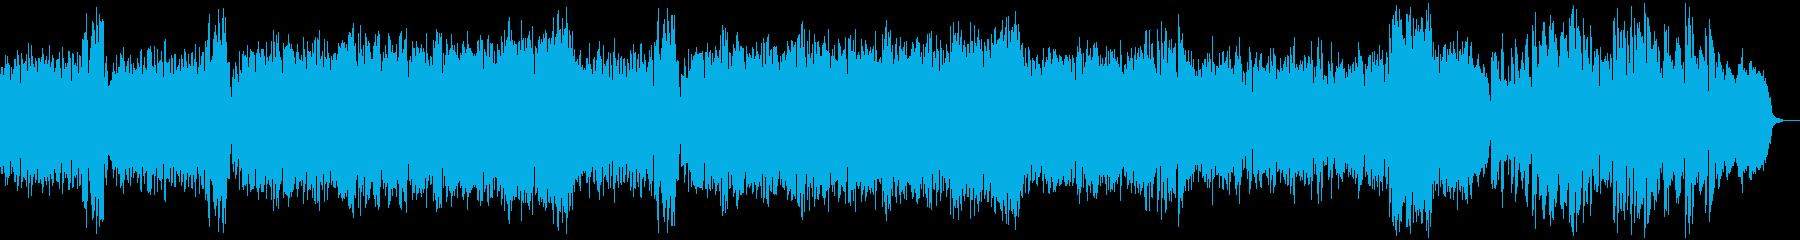 コミカルで謎掛けのような曲の再生済みの波形